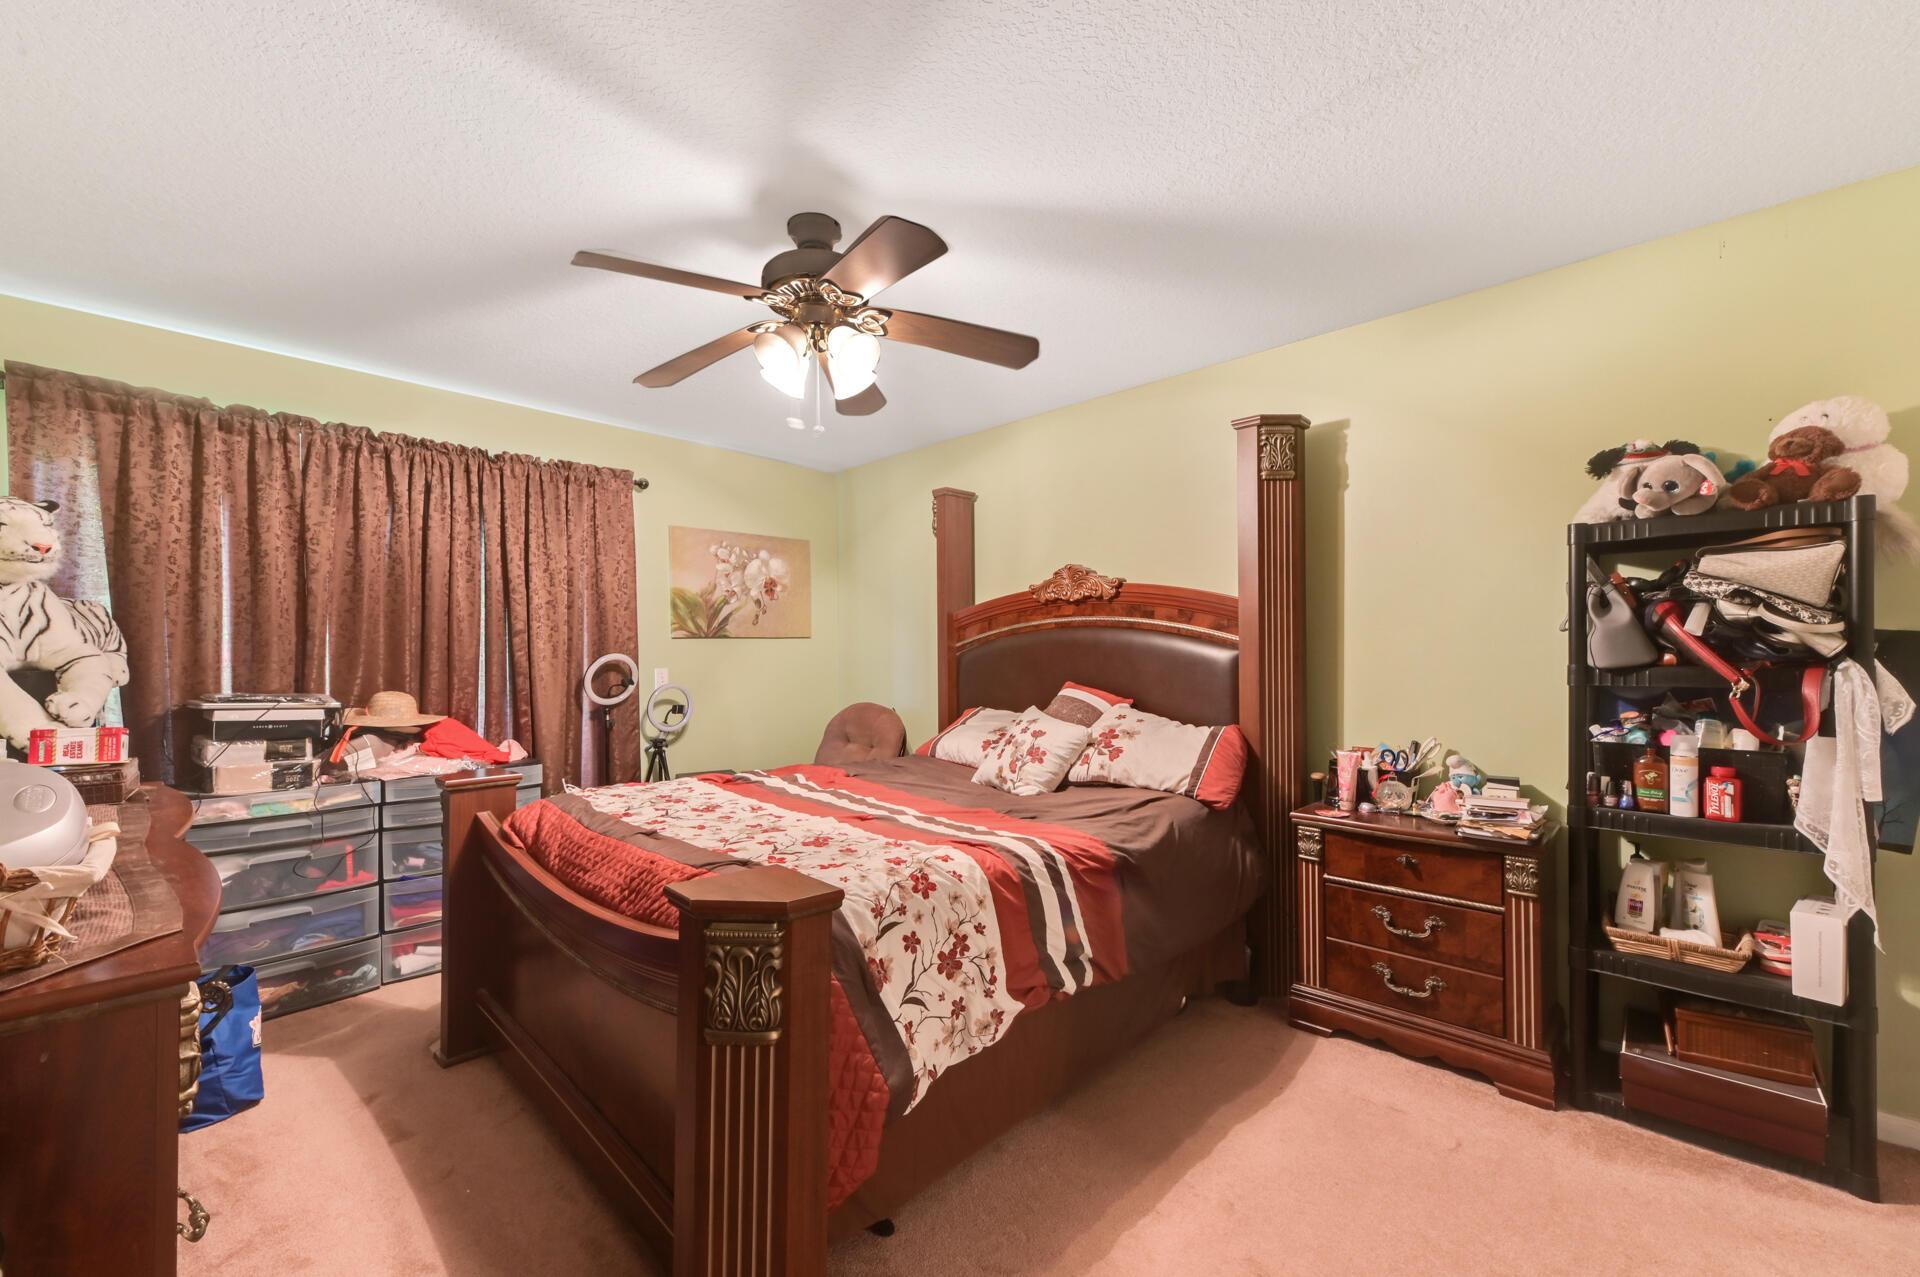 1020-03 Bedroom_003